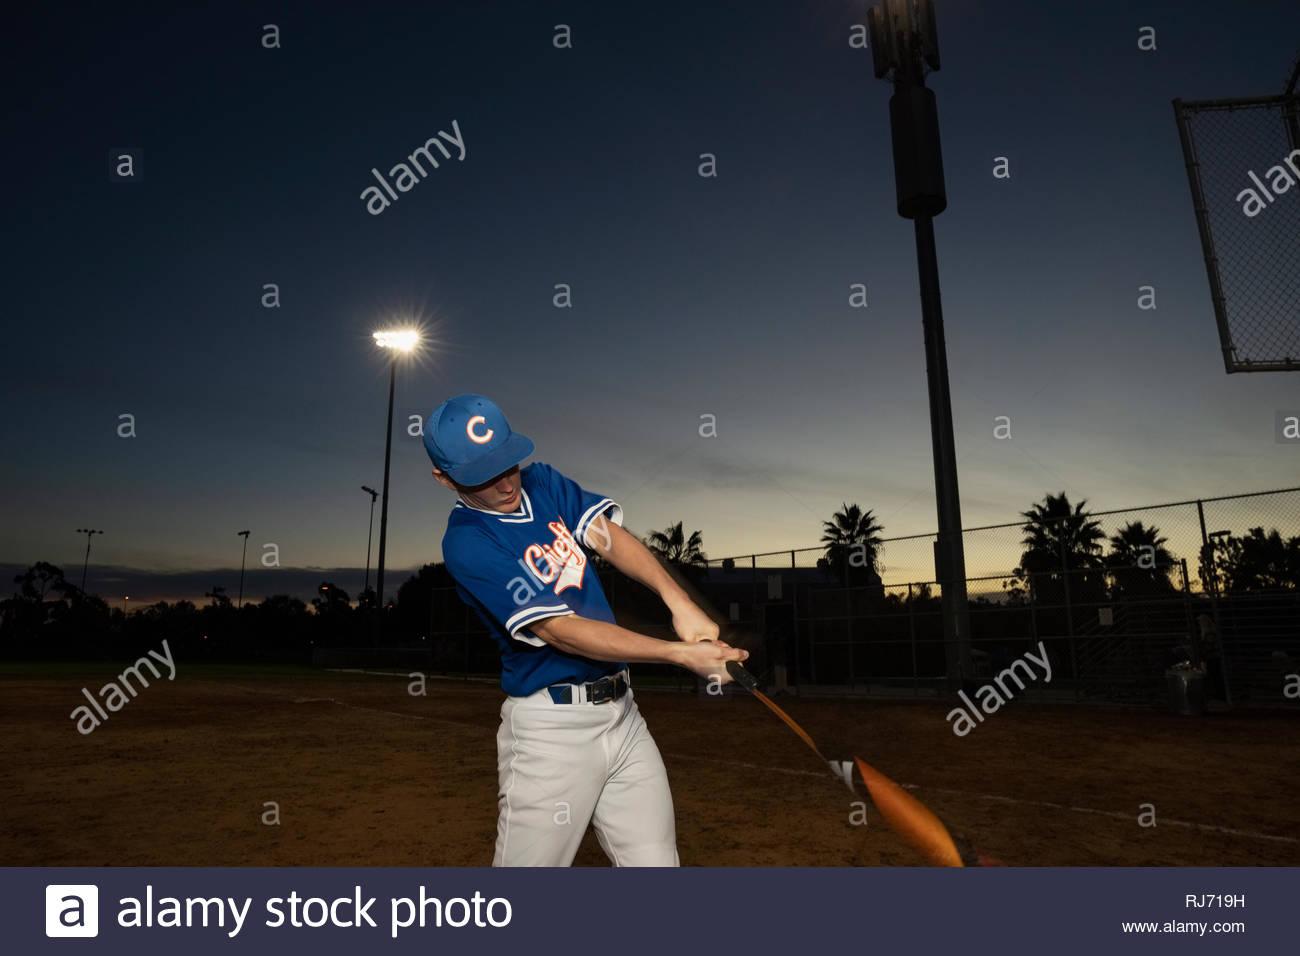 Jugador de béisbol con bat practicando swing en el campo de noche Imagen De Stock